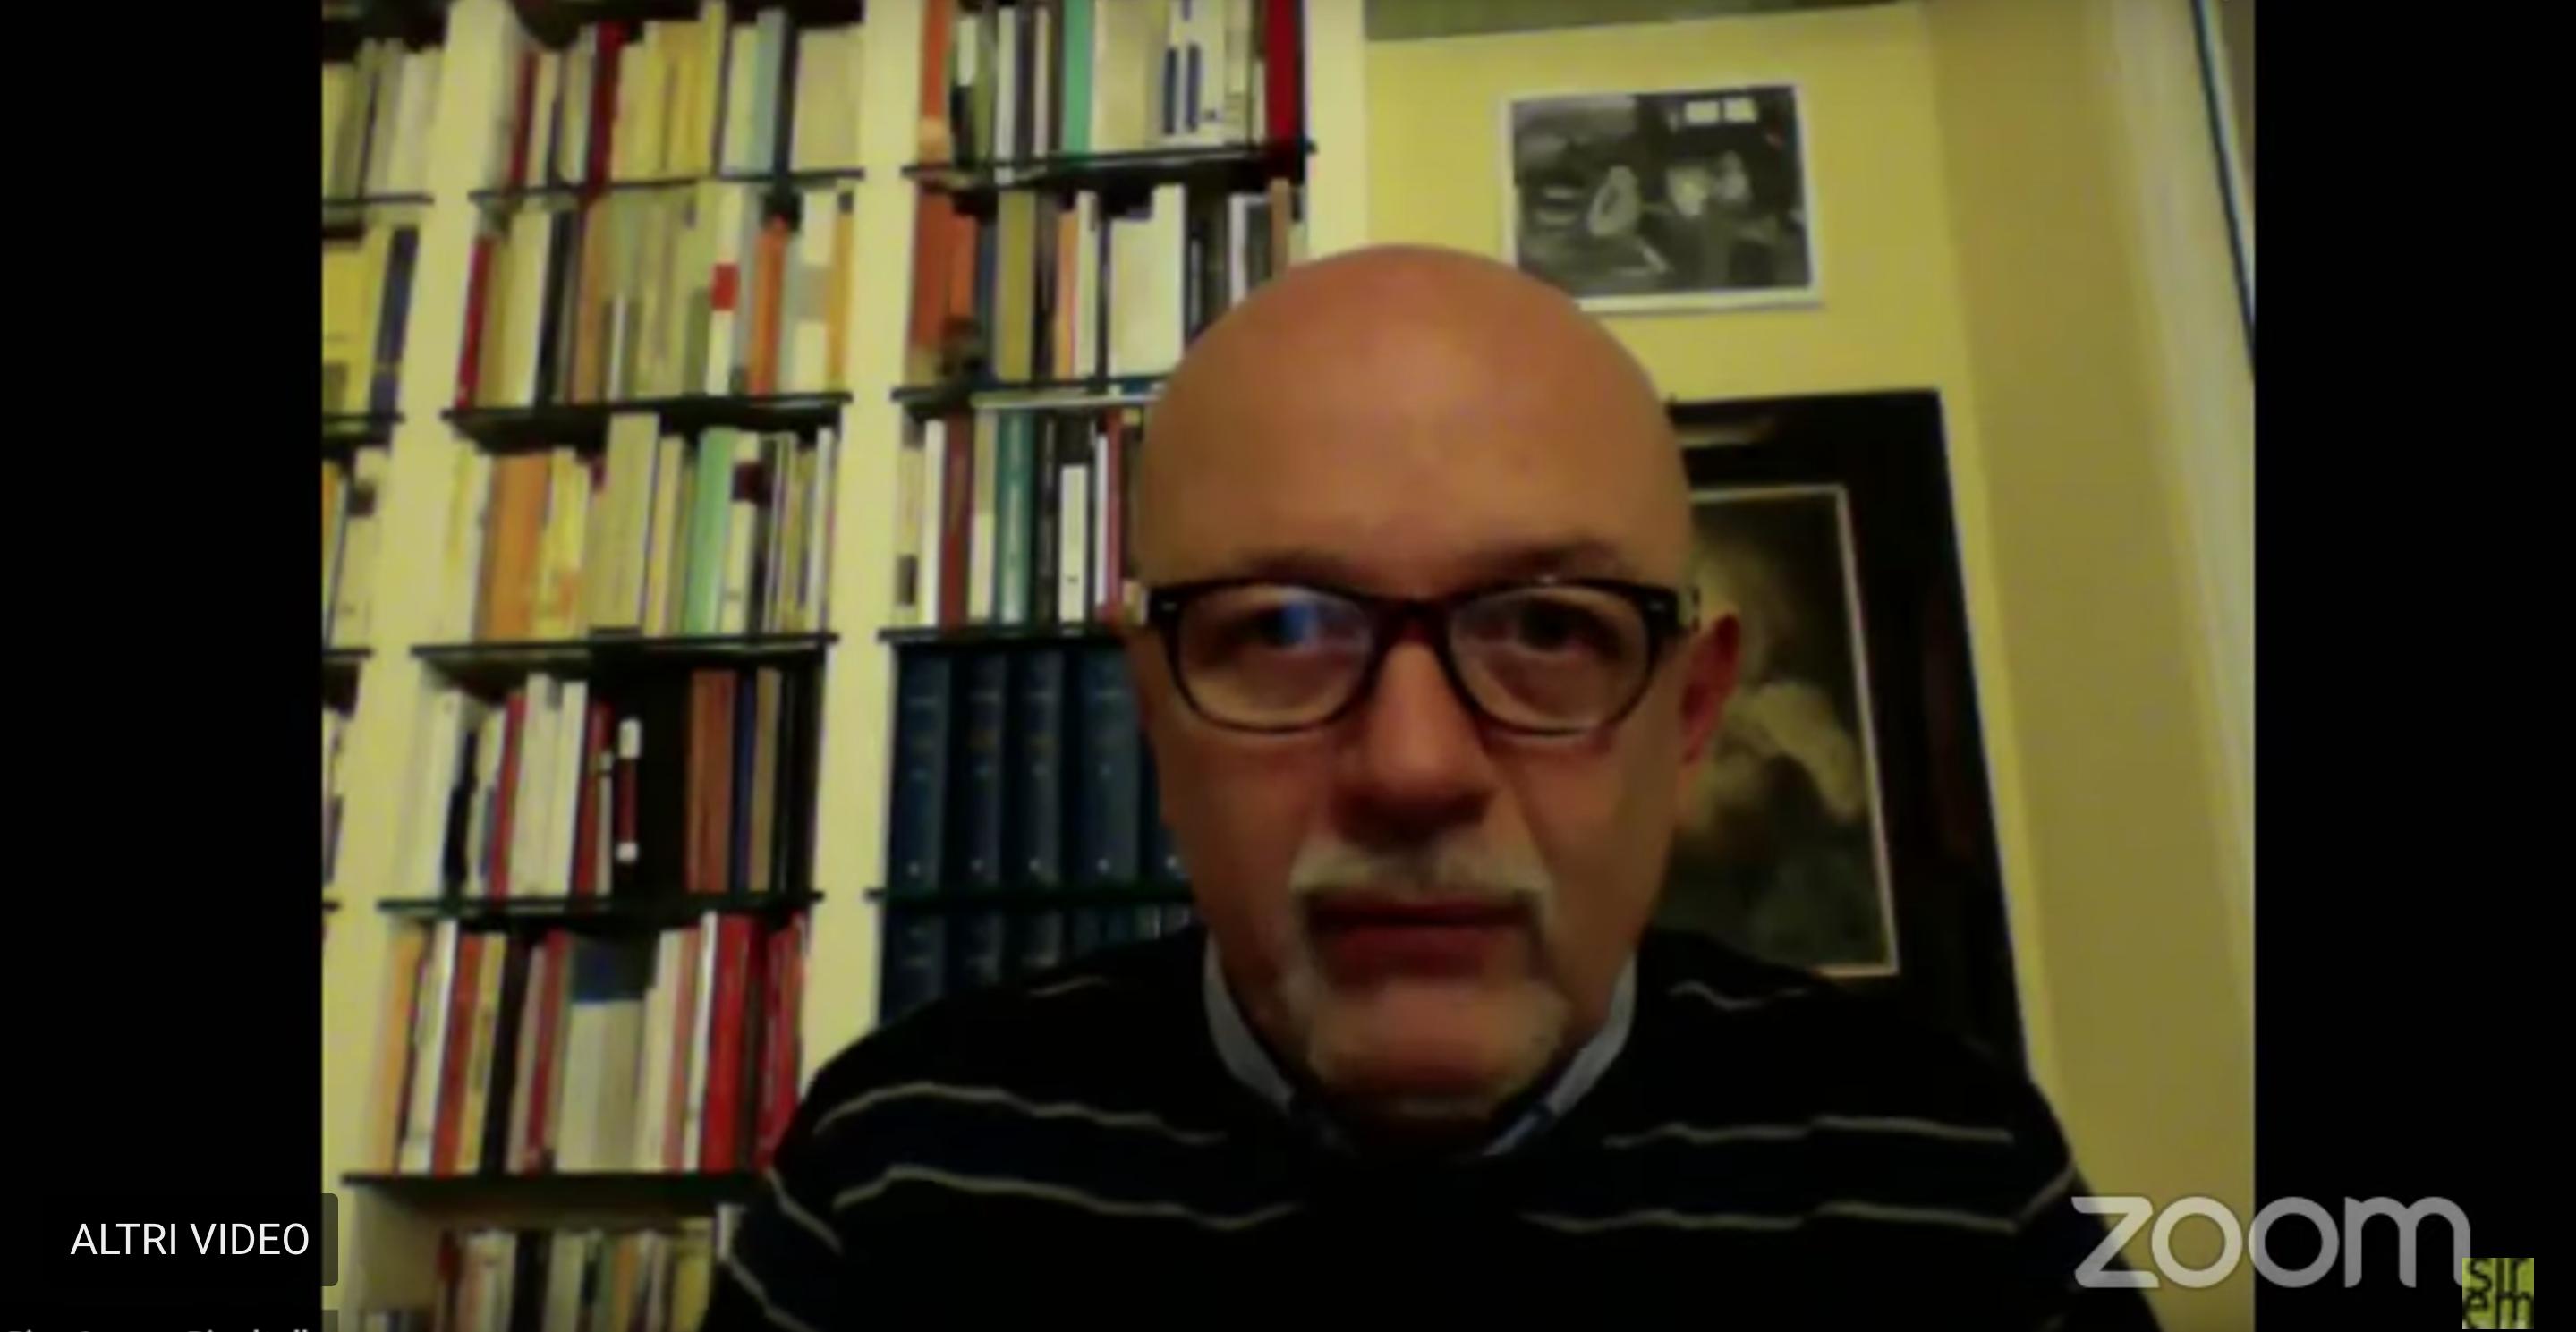 """[Video] """"La scuola ai tempi del COVID19"""" – Intervento di Rivoltella al webinar SIREM"""